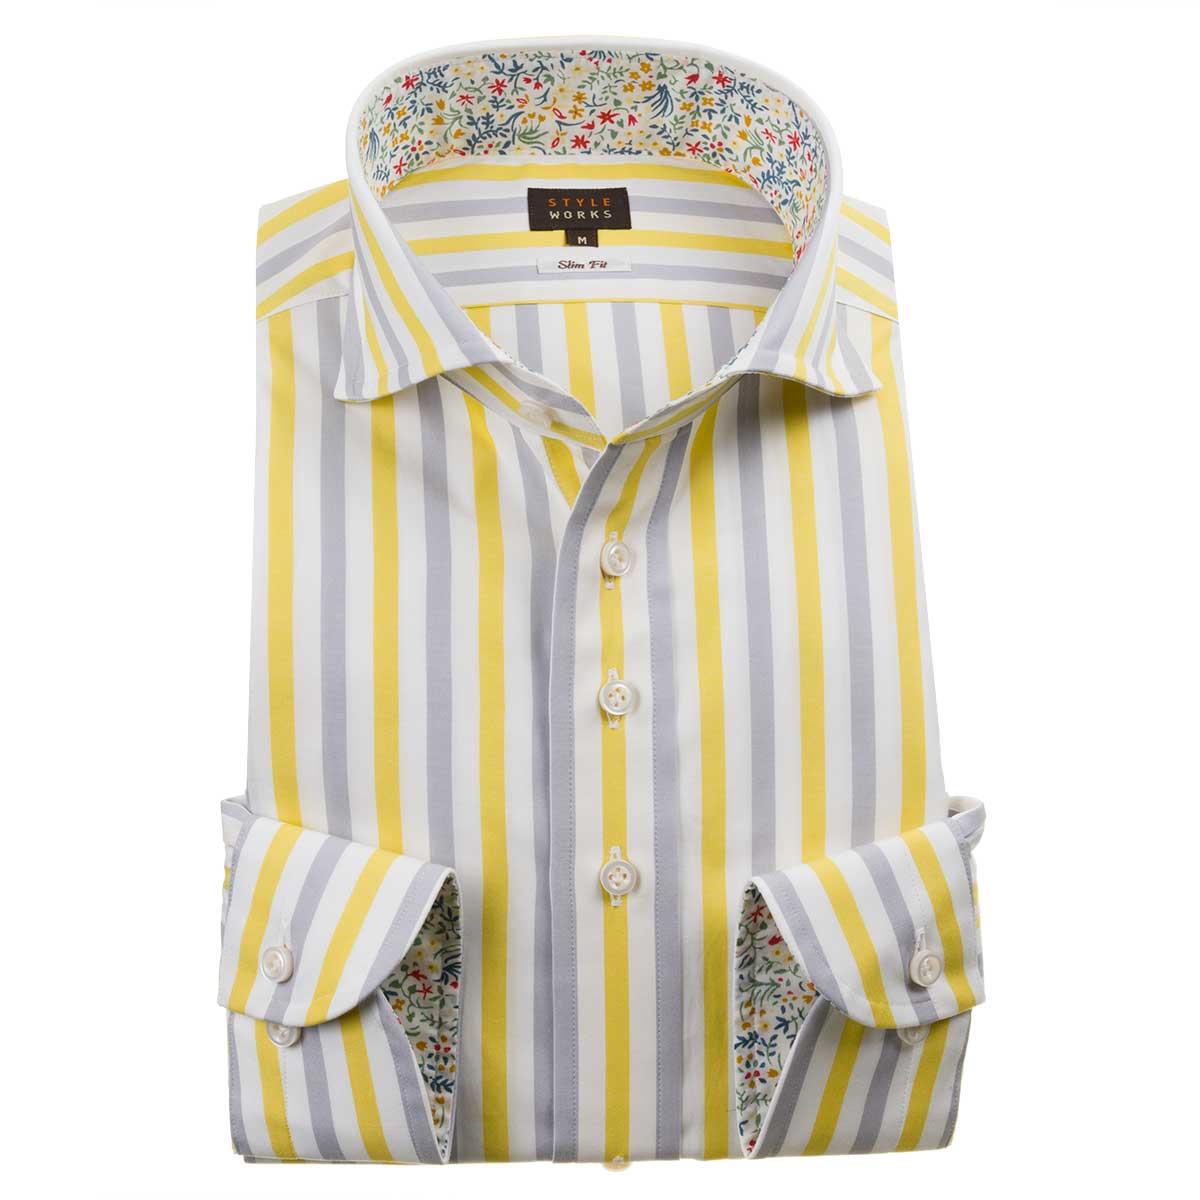 ドレスシャツ ワイシャツ シャツ メンズ 国産 長袖 綿100% スリムフィット カッタウェイワイド イエロー グレー オルタネイトボールドストライプ 1911【Sサイズ・裄丈81cm】